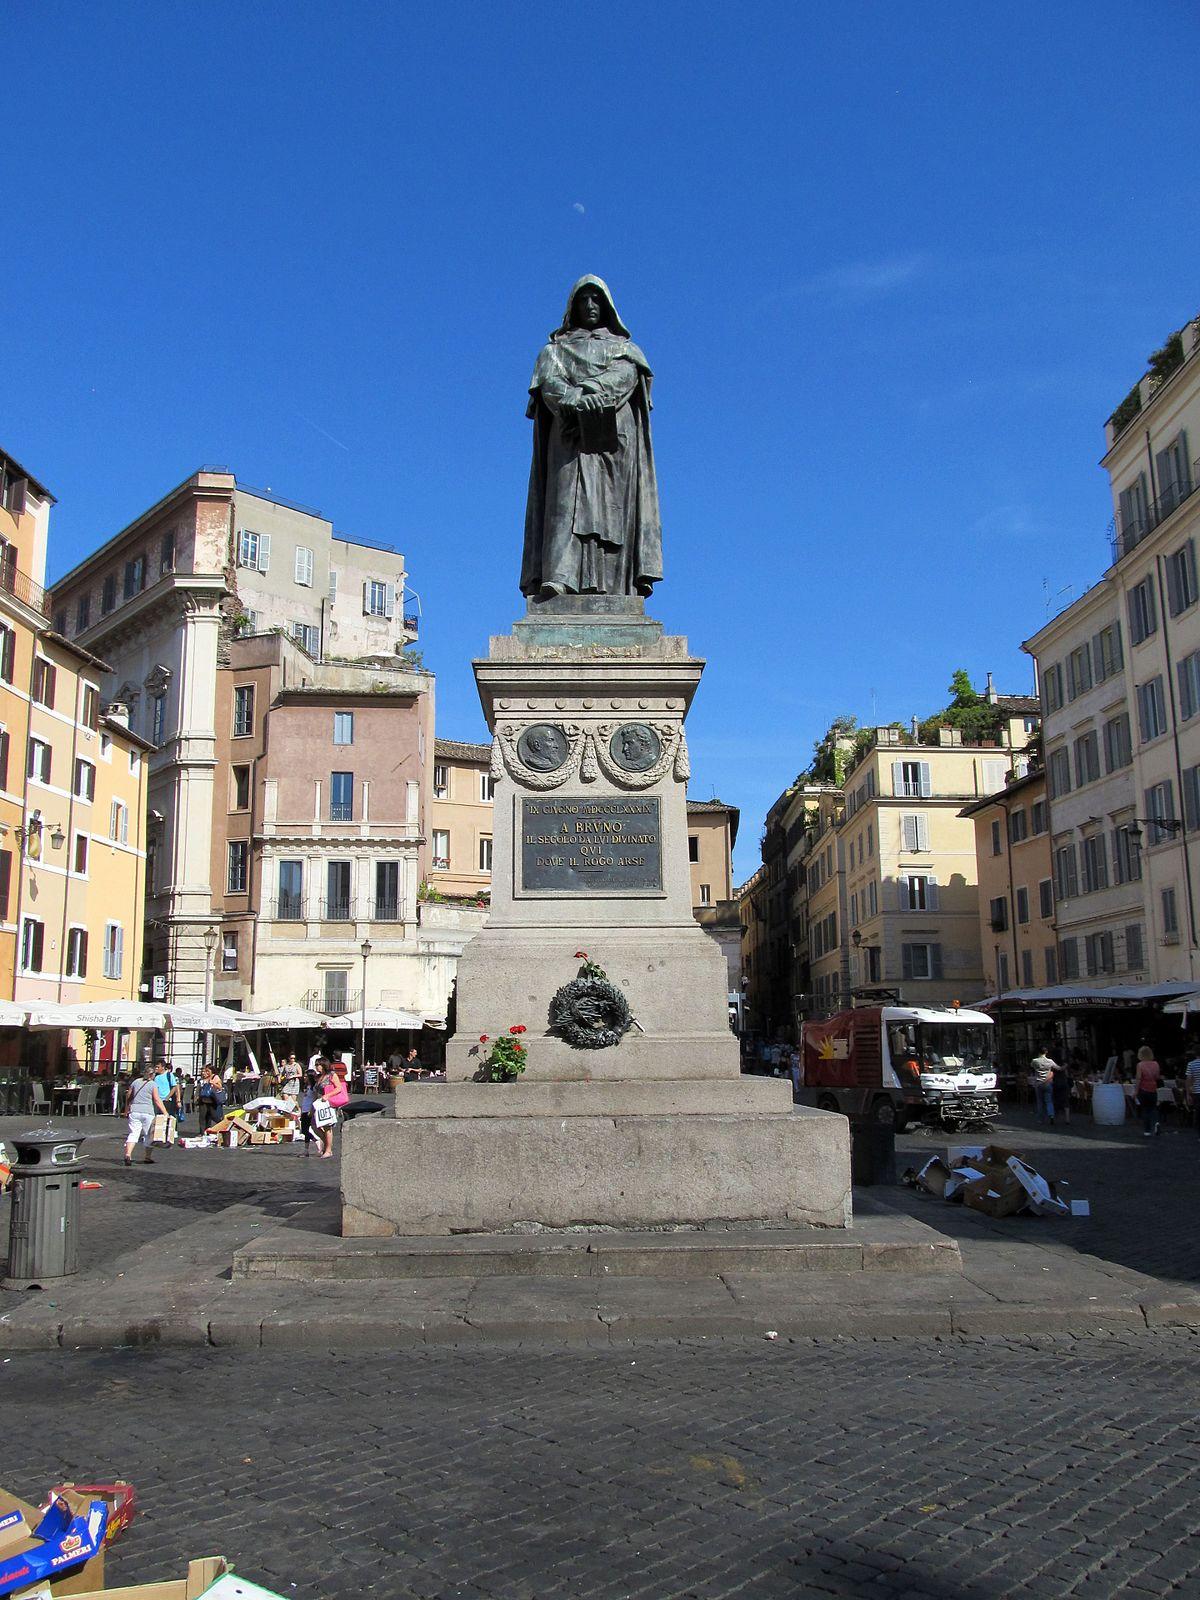 Statue of Giordano Bruno - Wikipedia